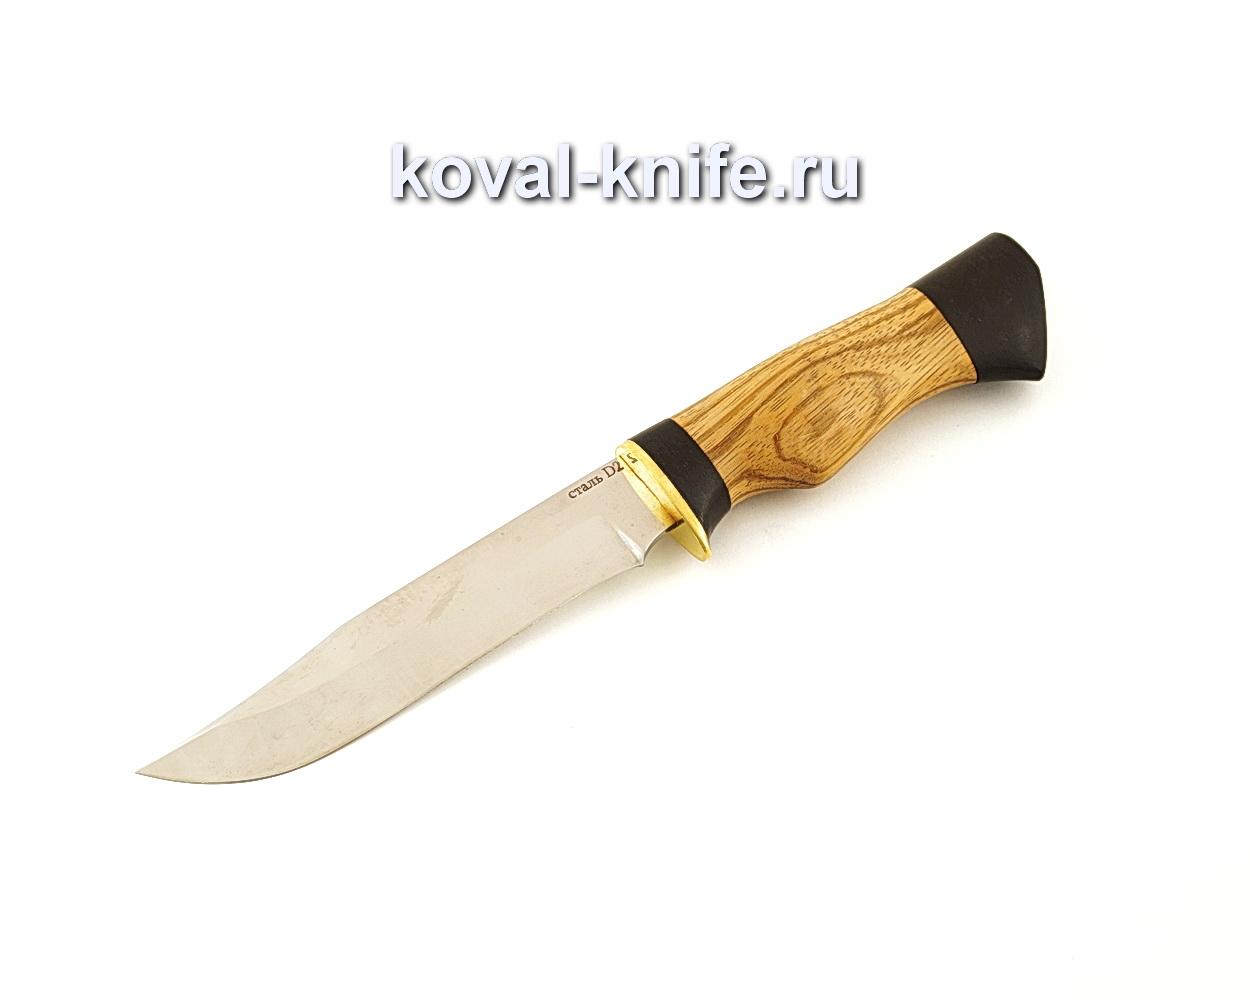 Нож Викинг из стали D2 с рукоятью из зебрано и граба  A658